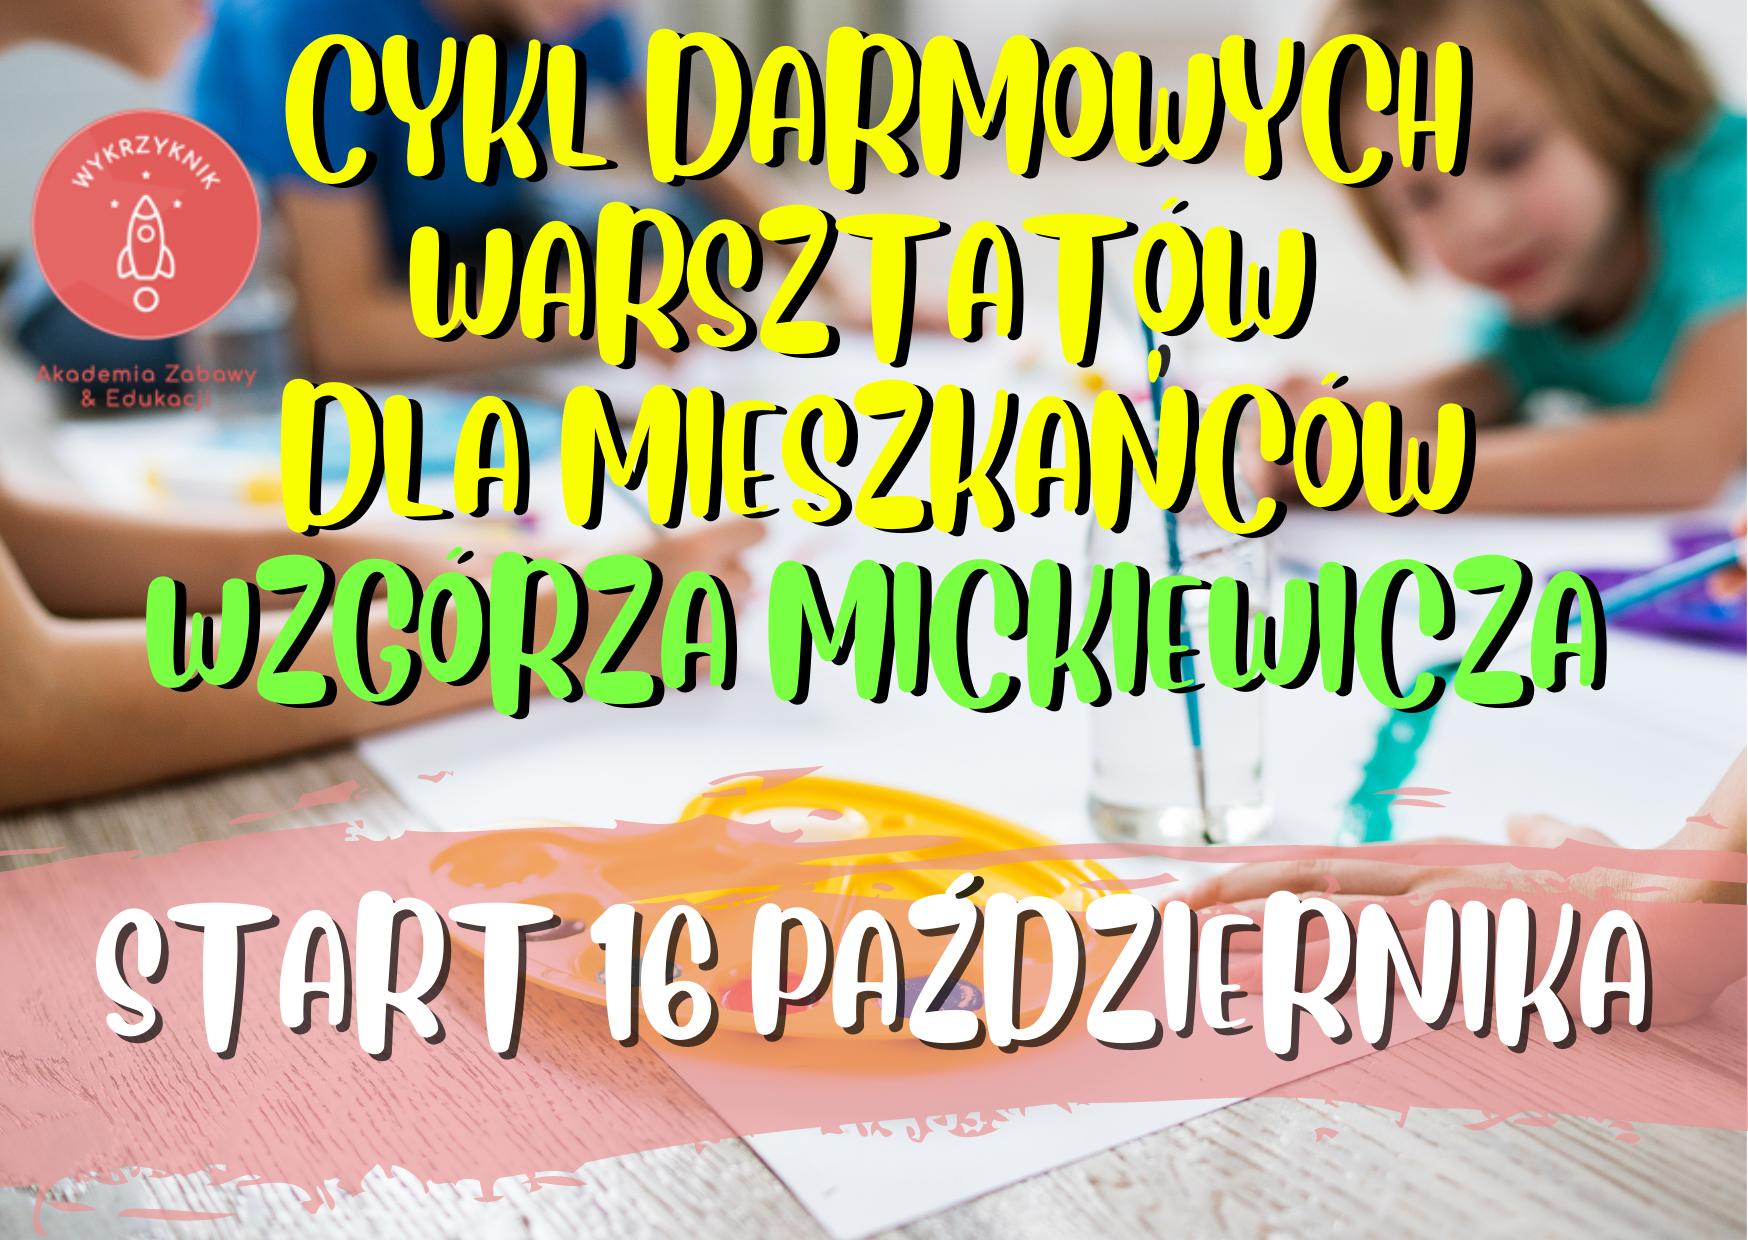 Darmowe warsztaty dla mieszkańców Wzgórza Mickiewicza